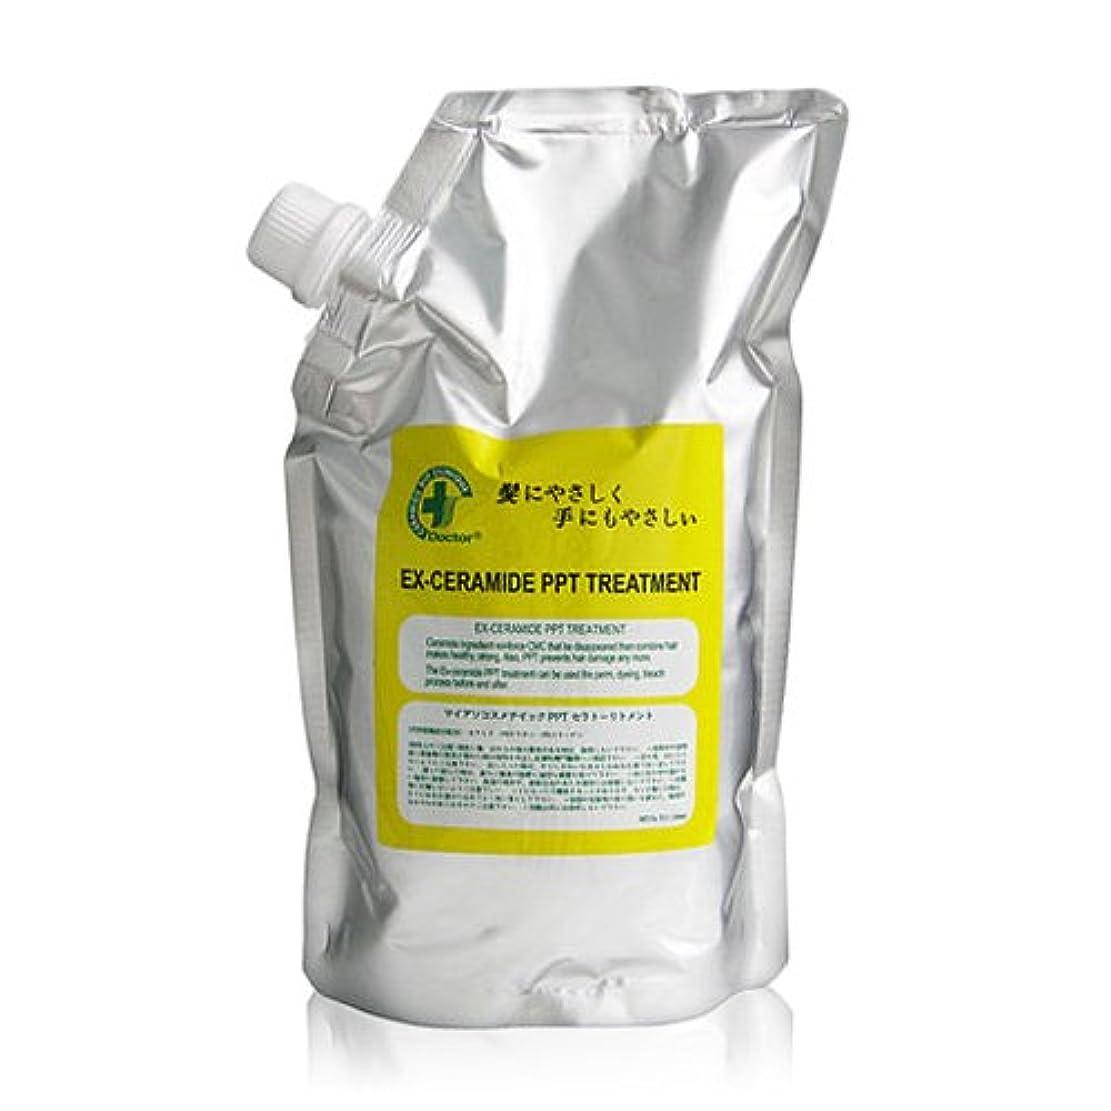 公然と農夫スクランブル韓国 ヘア トリートメント Ex セラミド PPT トリートメント 1000ml ( Korea Hair Treatment Ex Ceramide PPT 1000ml ) [並行輸入品]